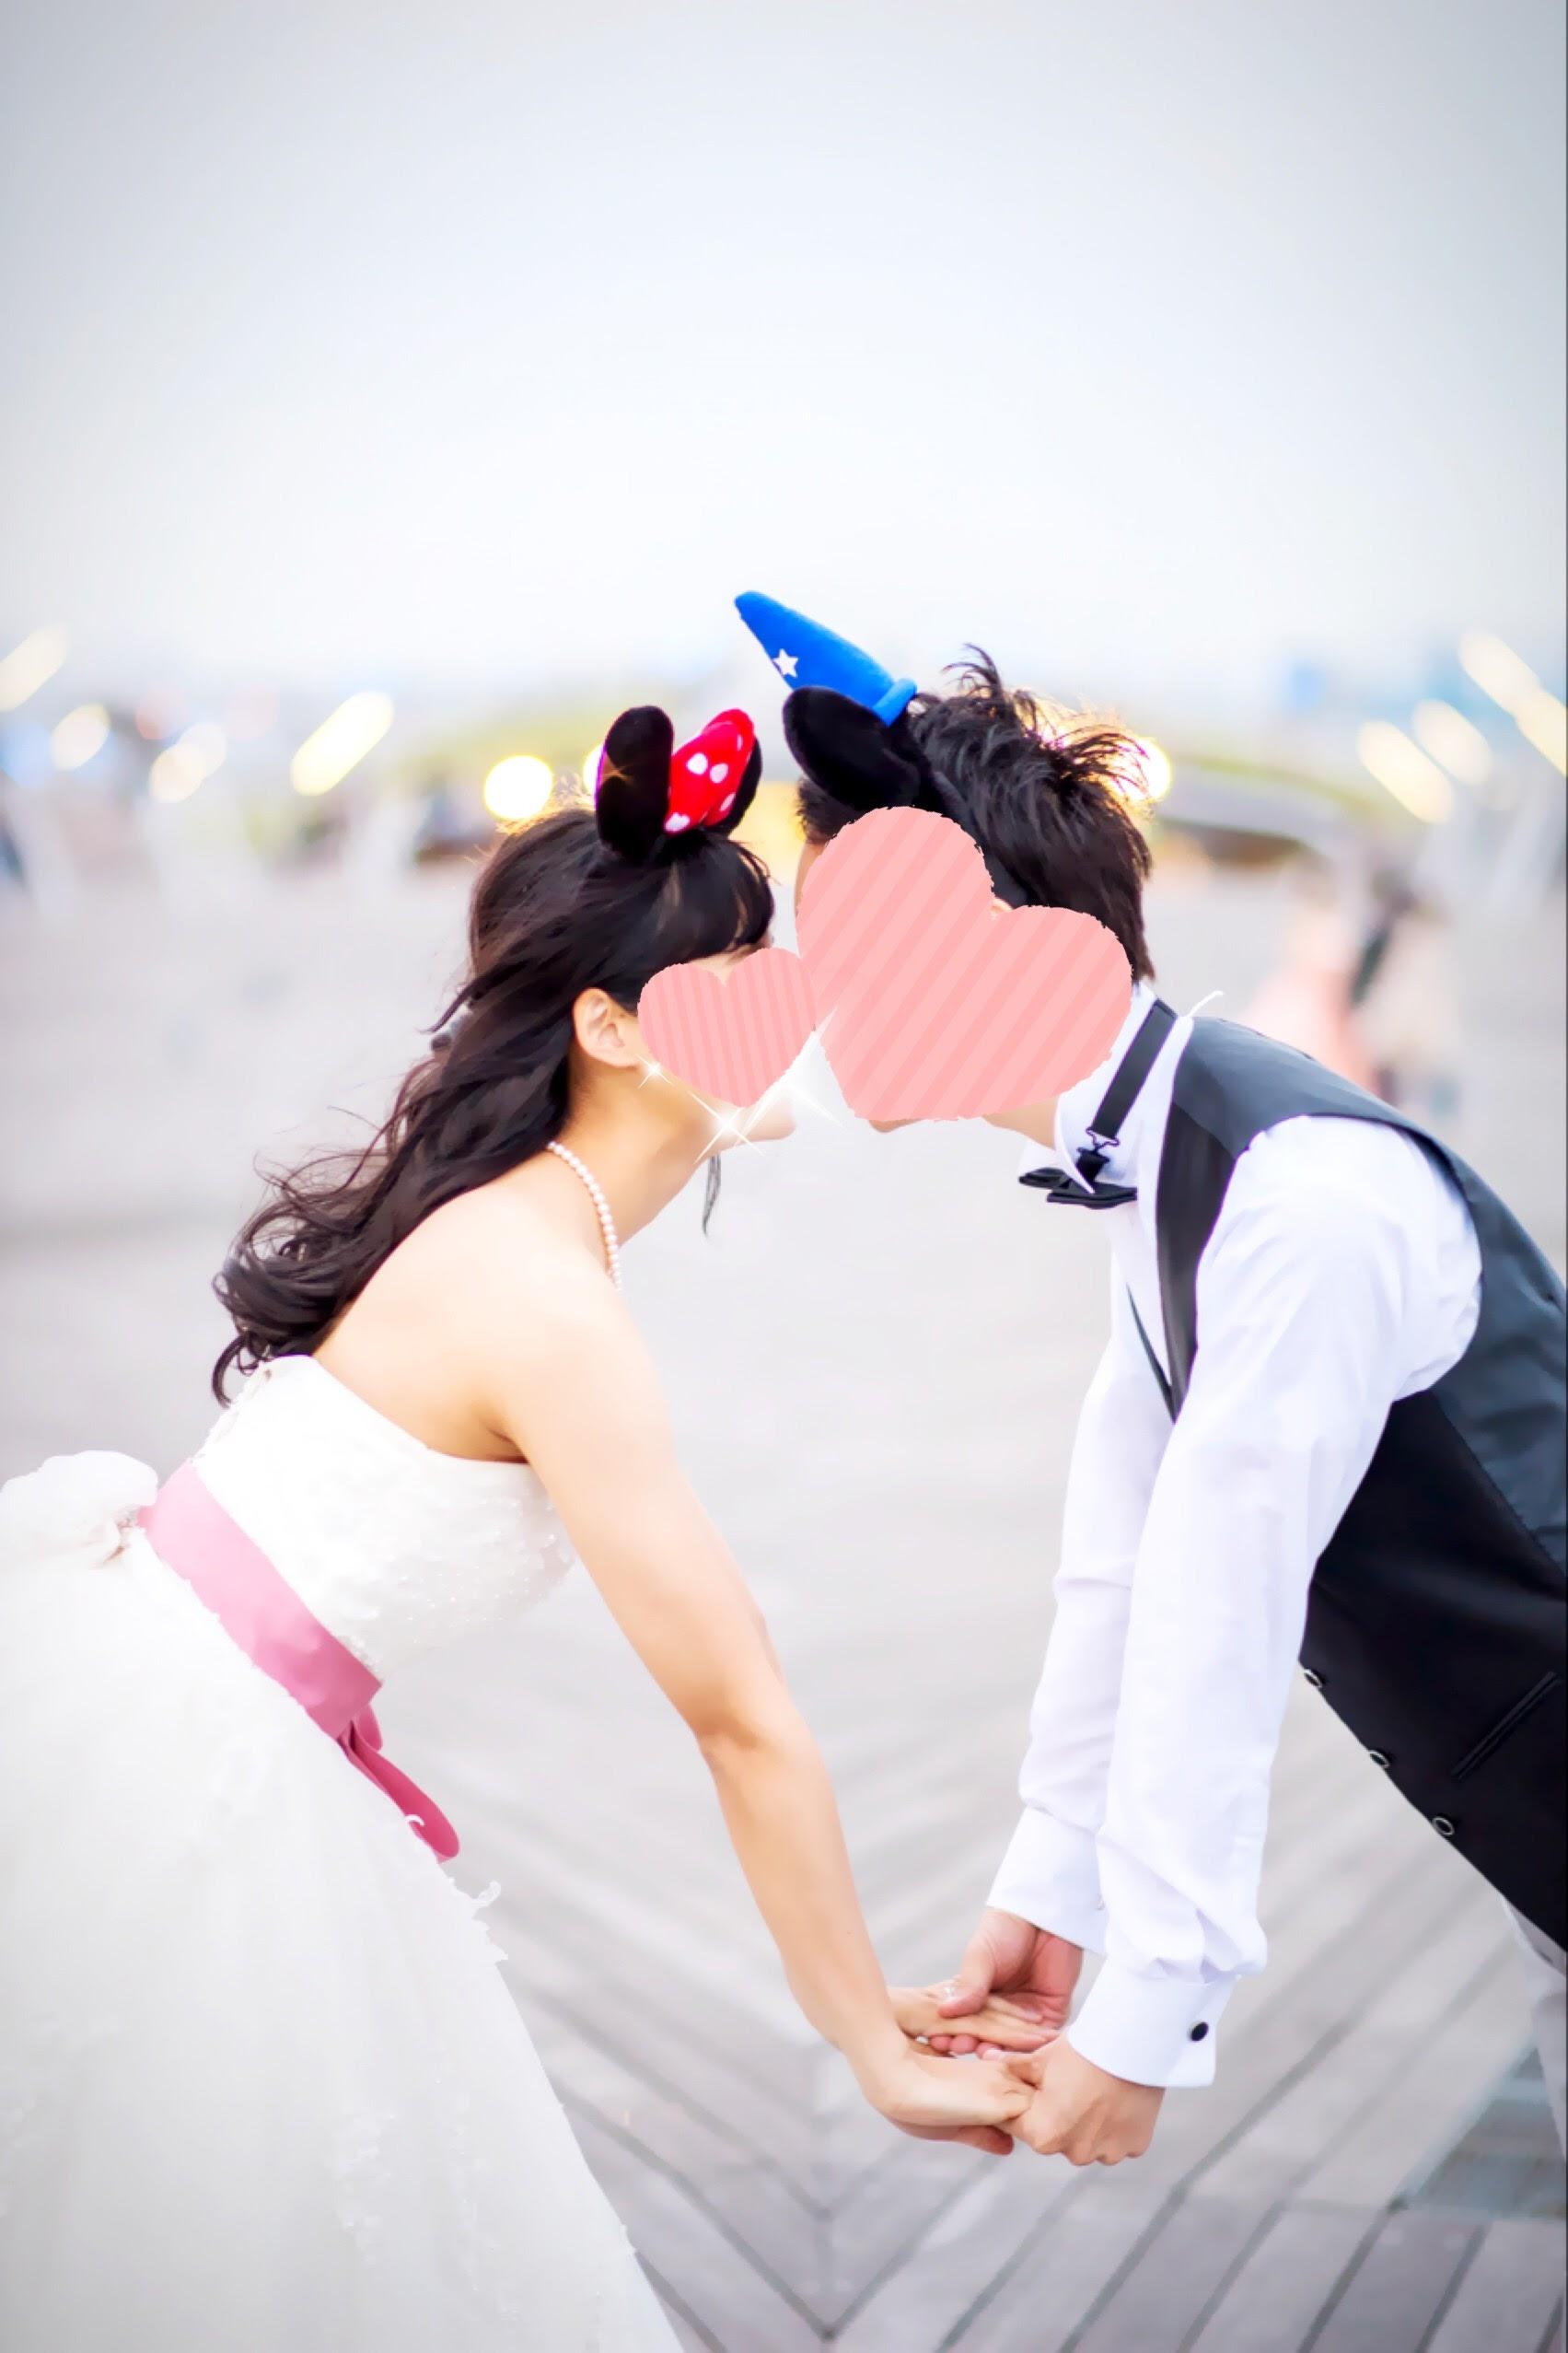 ひよこ夫婦-ミッキー・ミニーカチューシャとウェディングドレス・タキシードで前撮り